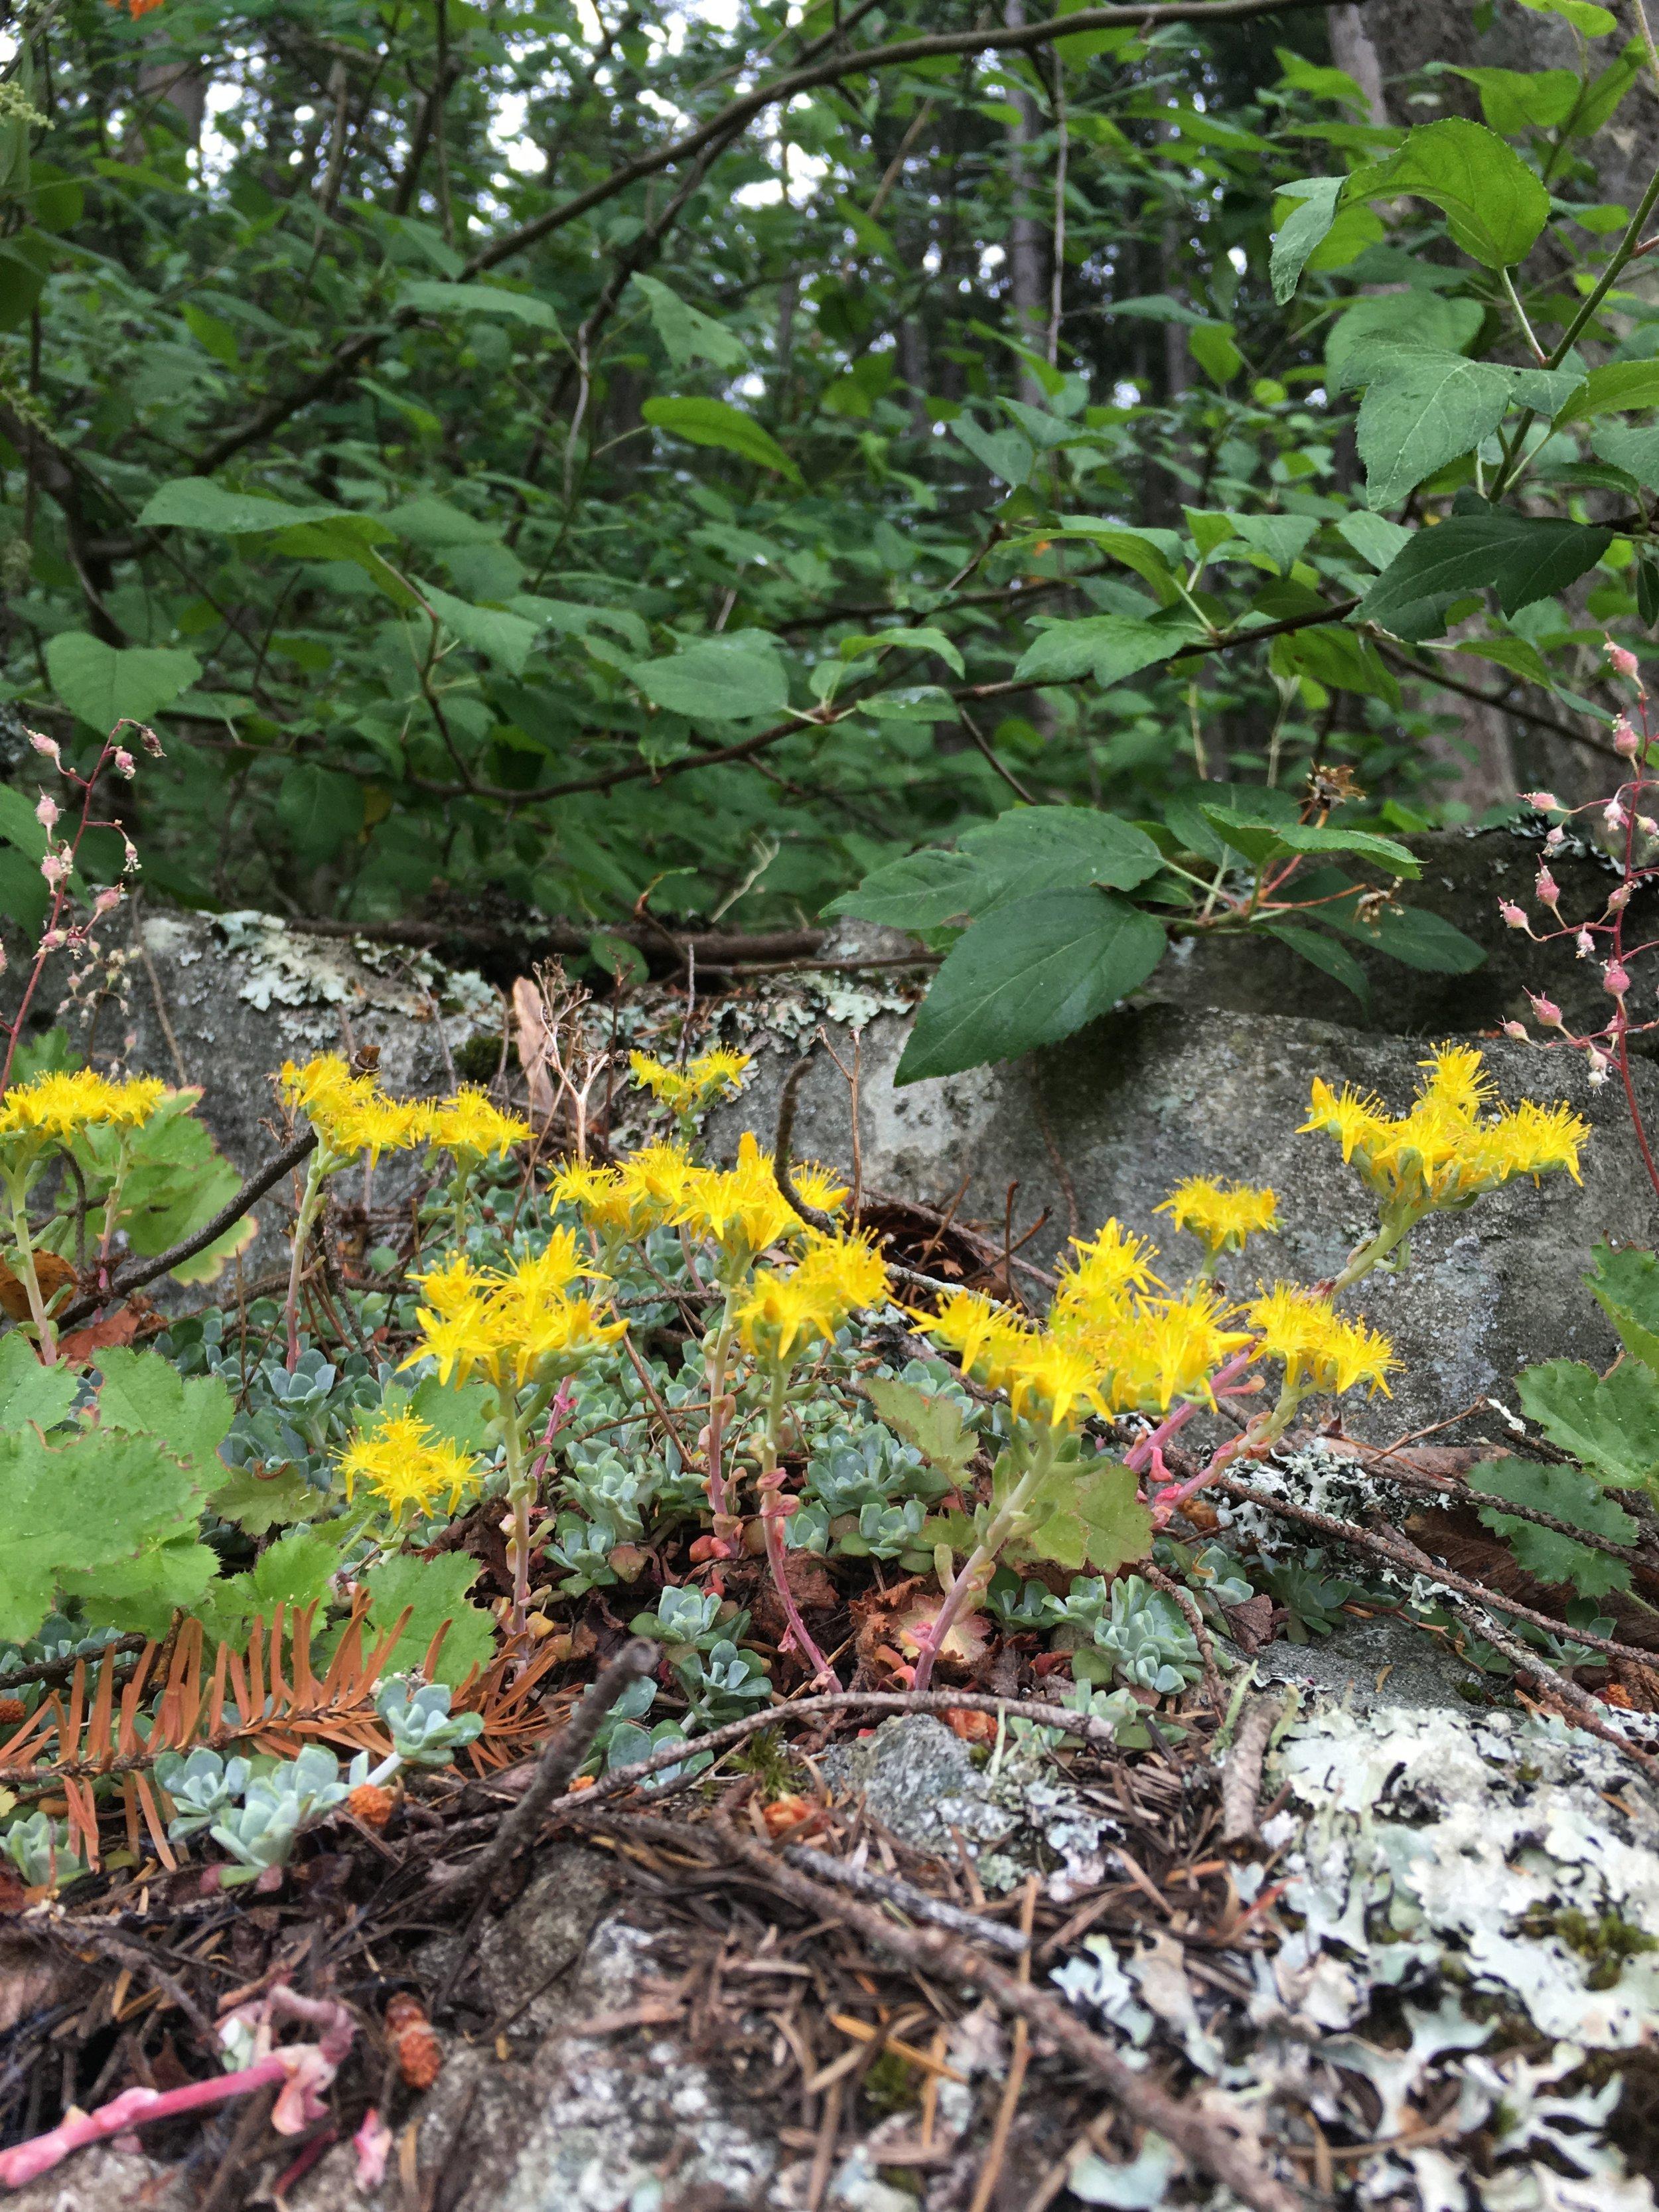 stonecrop in bloom.jpg